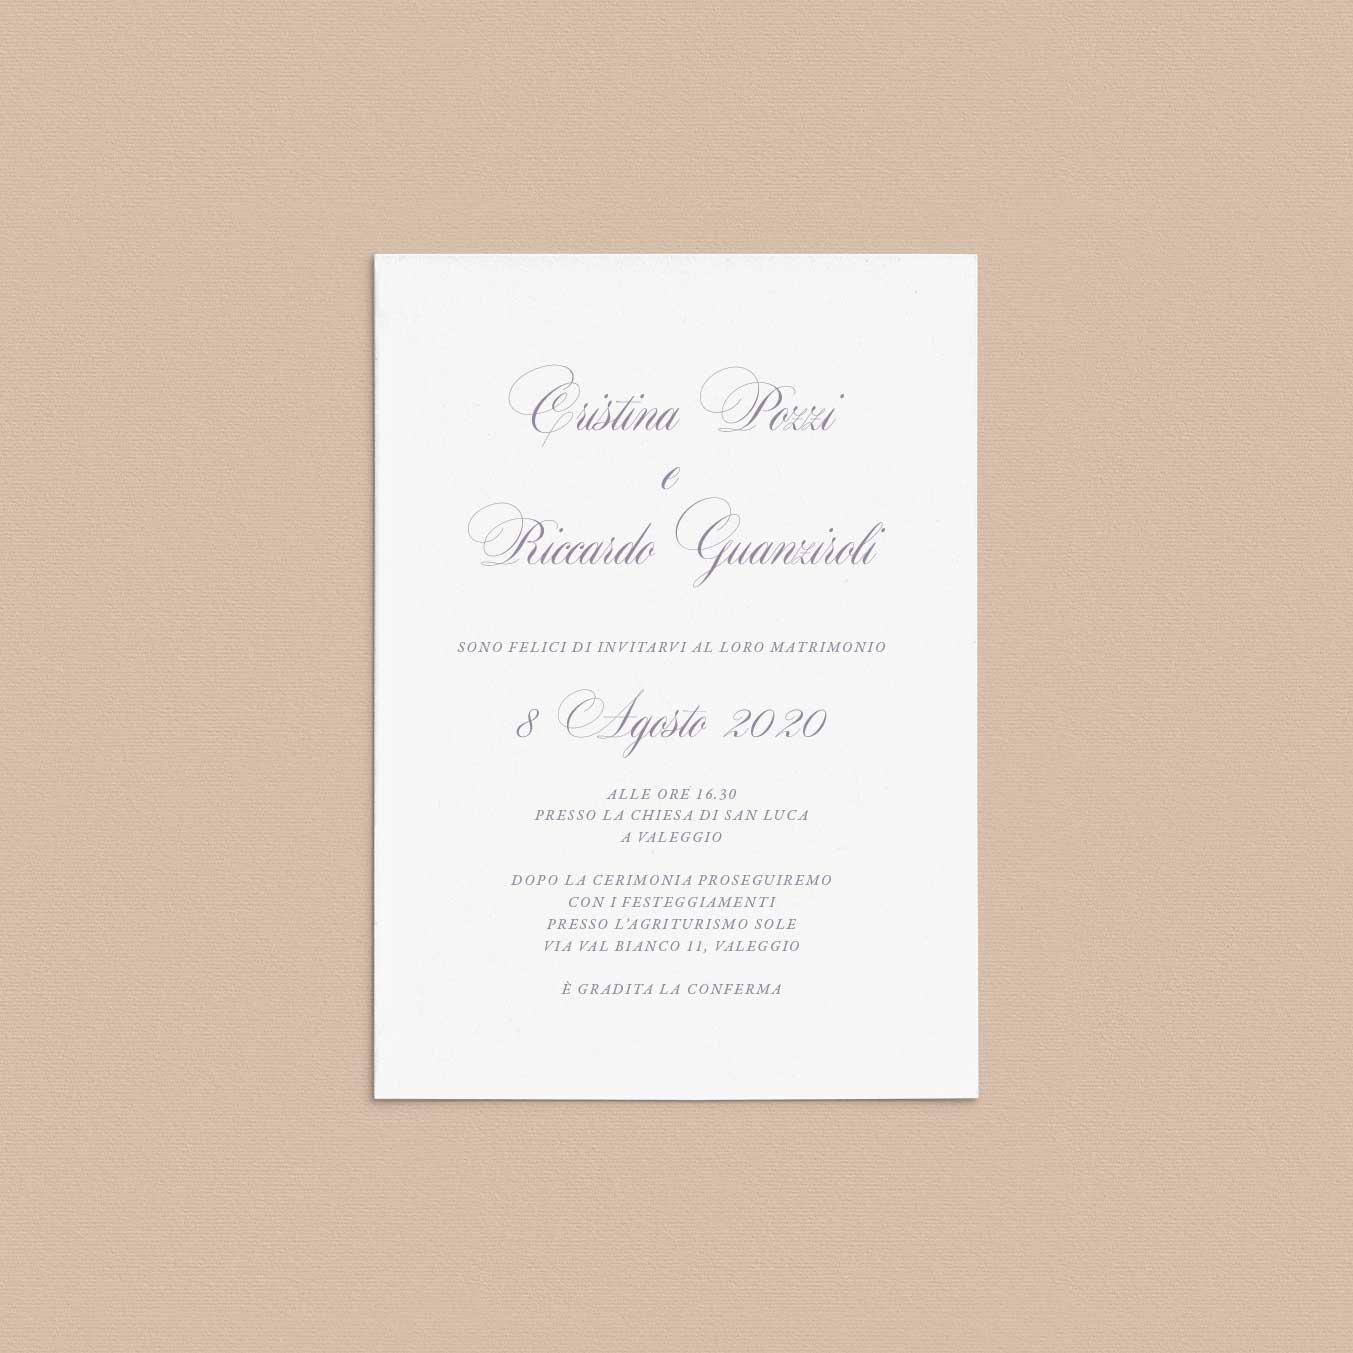 Inviti-di-matrimonio-partecipazioni-di-nozze-classici-classiche-elegante-semplici-idee-fac-simile-esempio-formato-pinterest-impaginazione